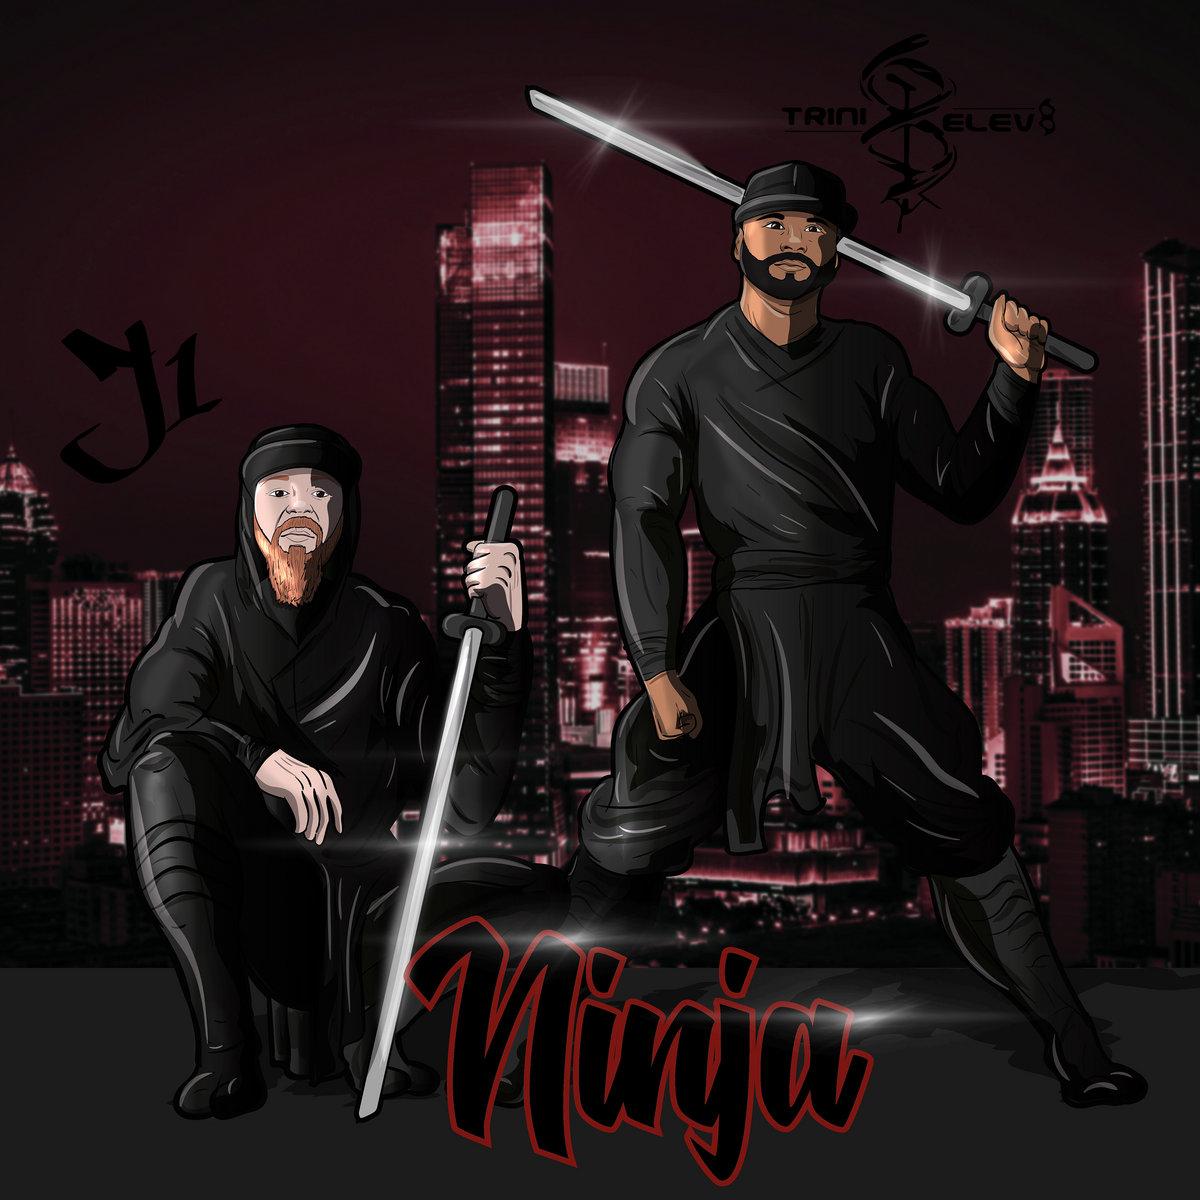 Ninja - J1. Feat Trini Elev8 by J1,Trini Elev8